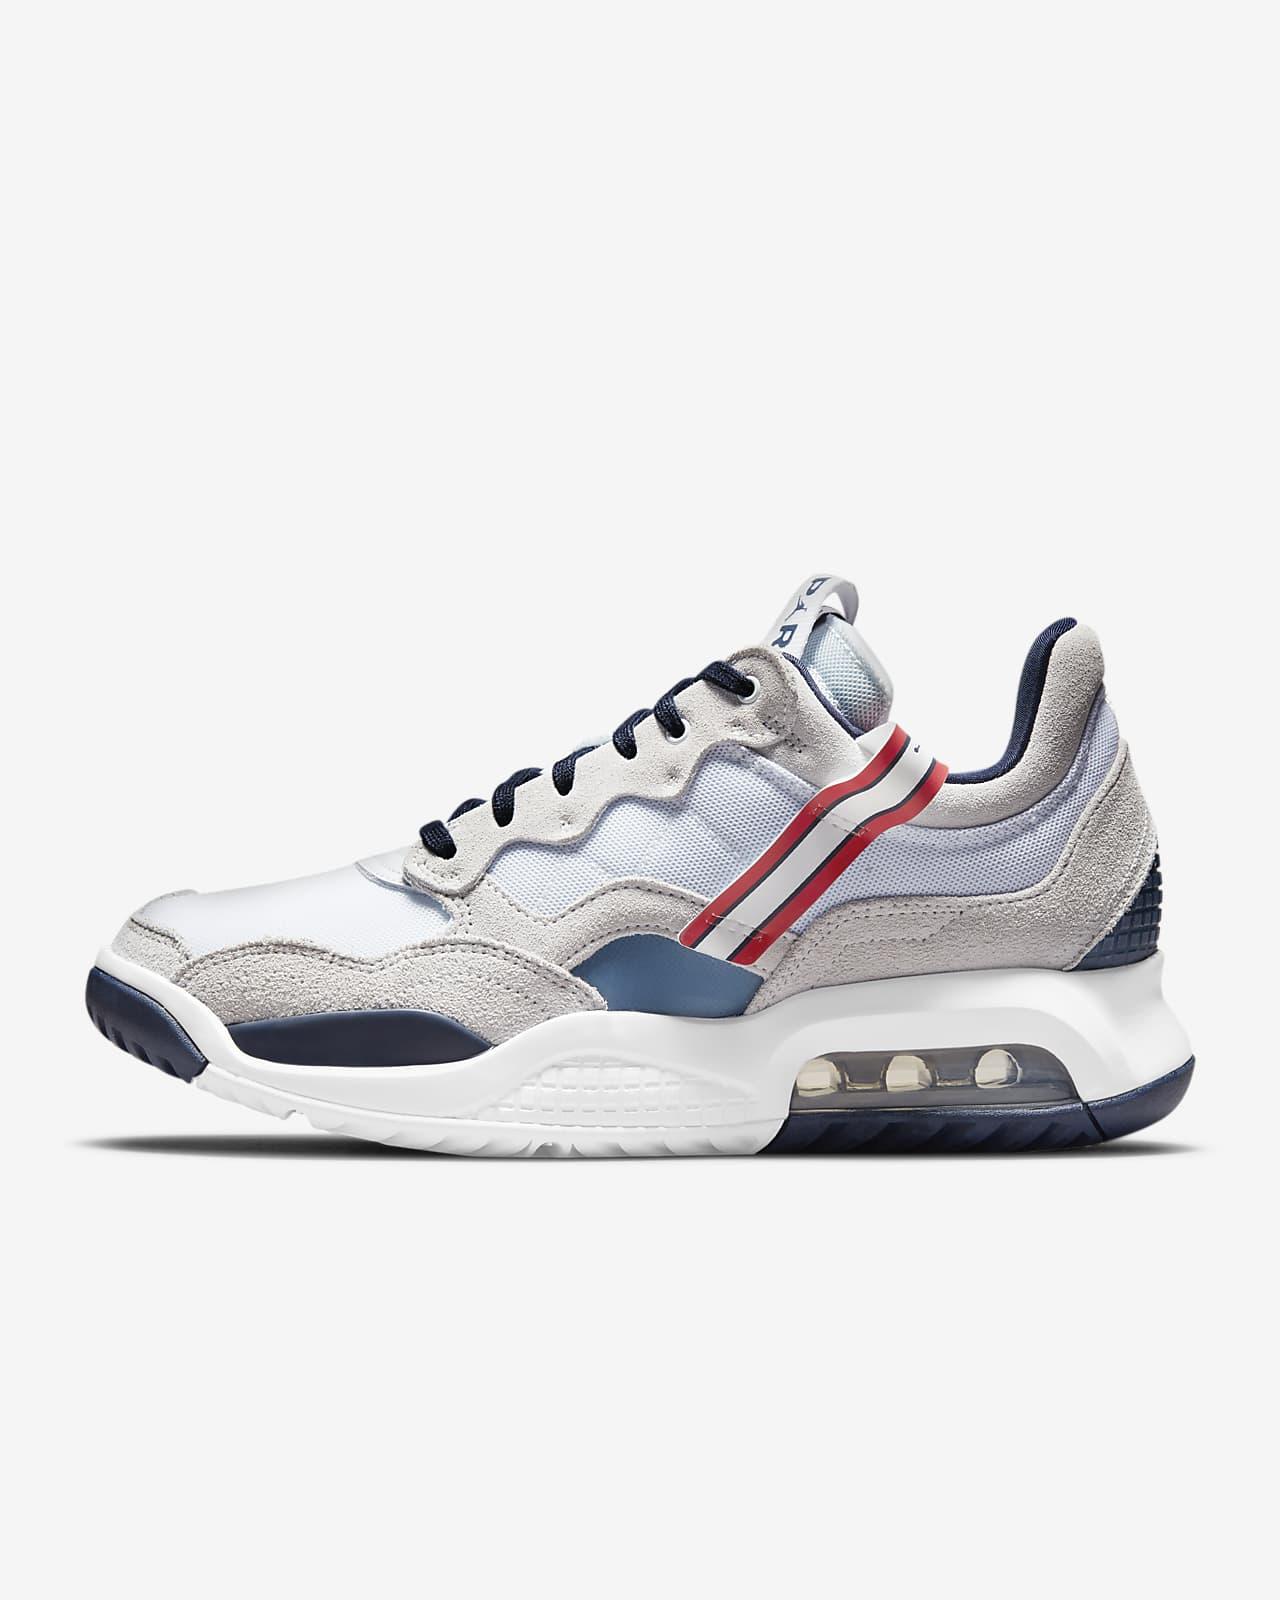 Chaussure Jordan MA2 Paris Saint-Germain